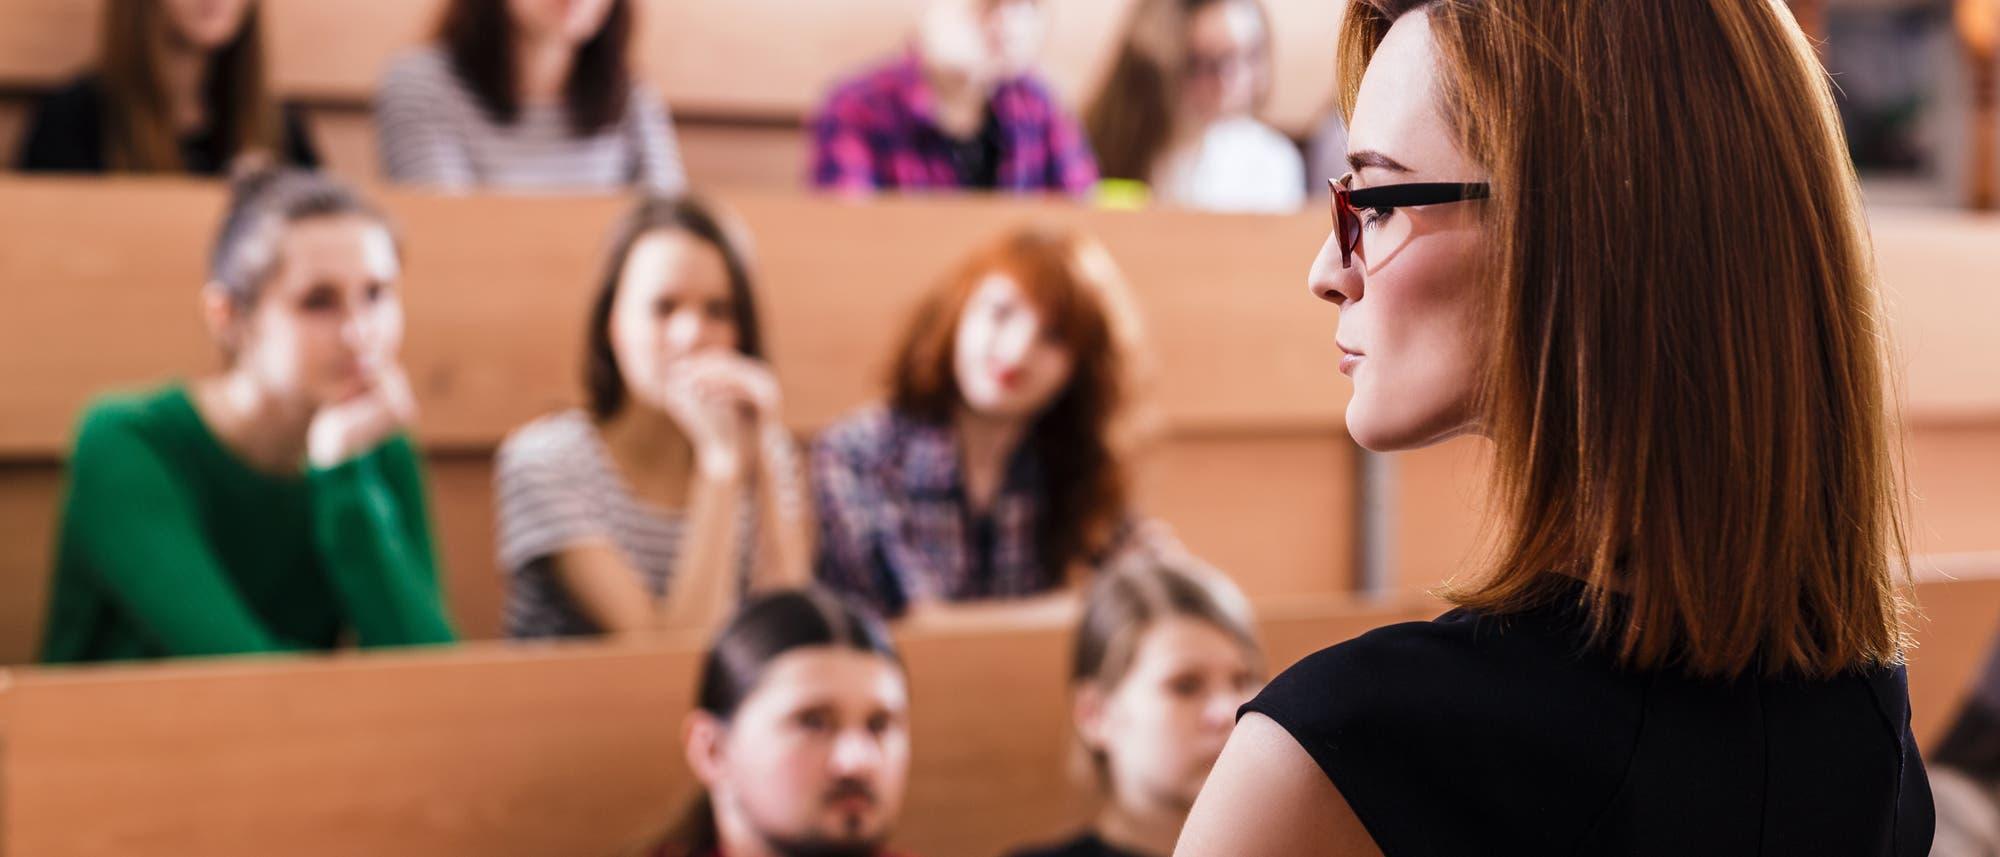 Eine Frau etwa Ende 30 im Vordergrund, Hörsaalsitze mit jungen Menschen im Hintergrund.